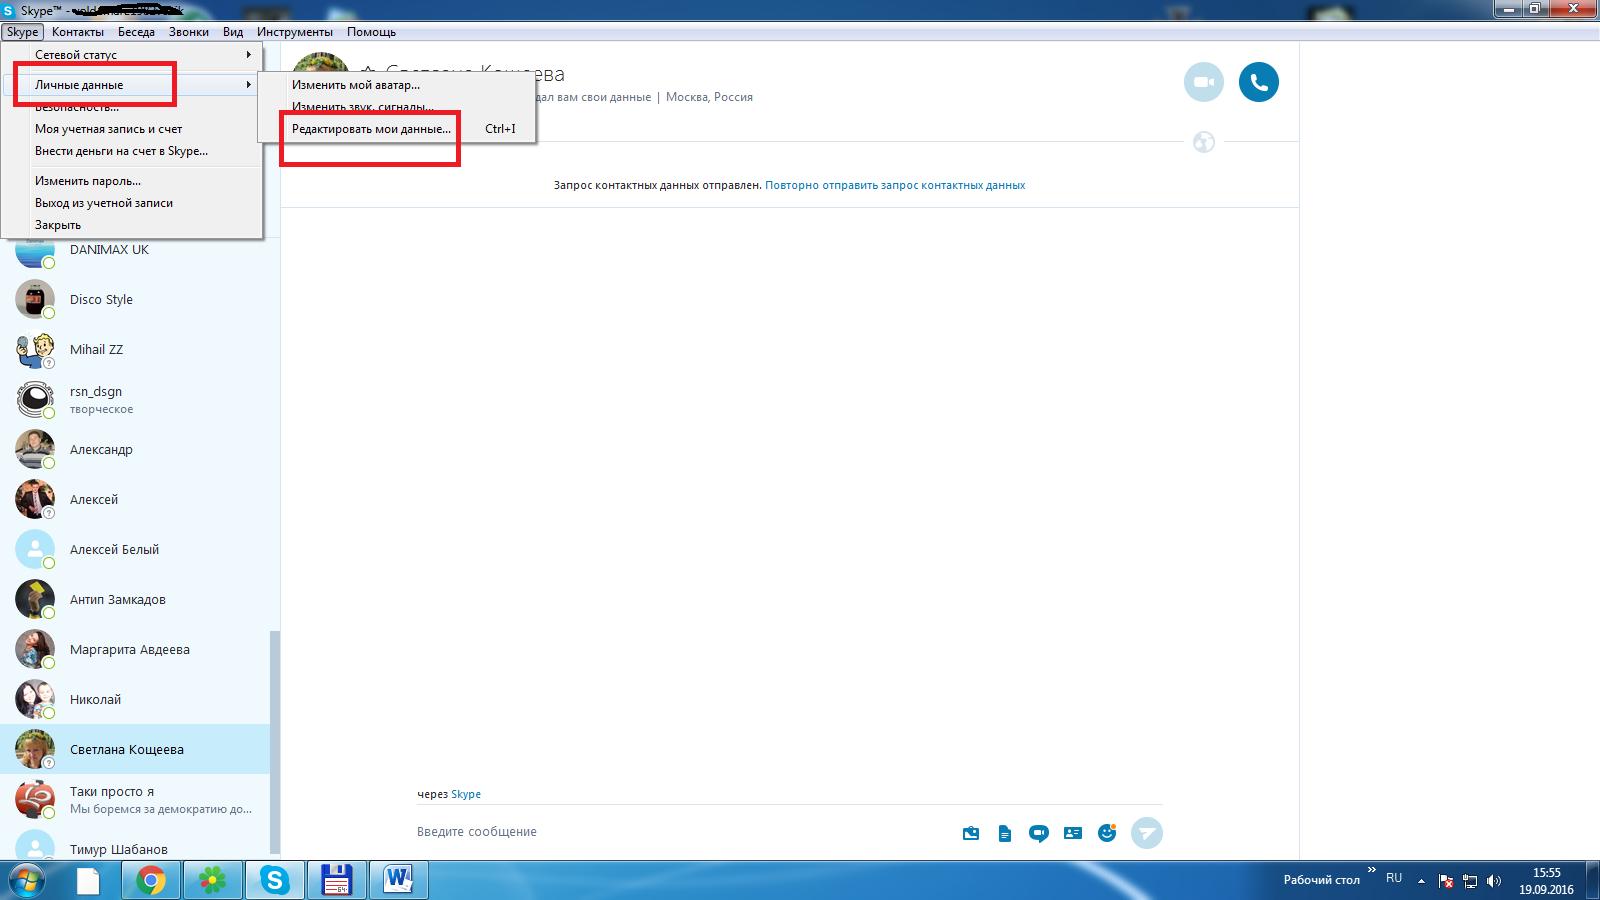 Регистрация в скайпе. Как зарегистрироваться в скайпе 16